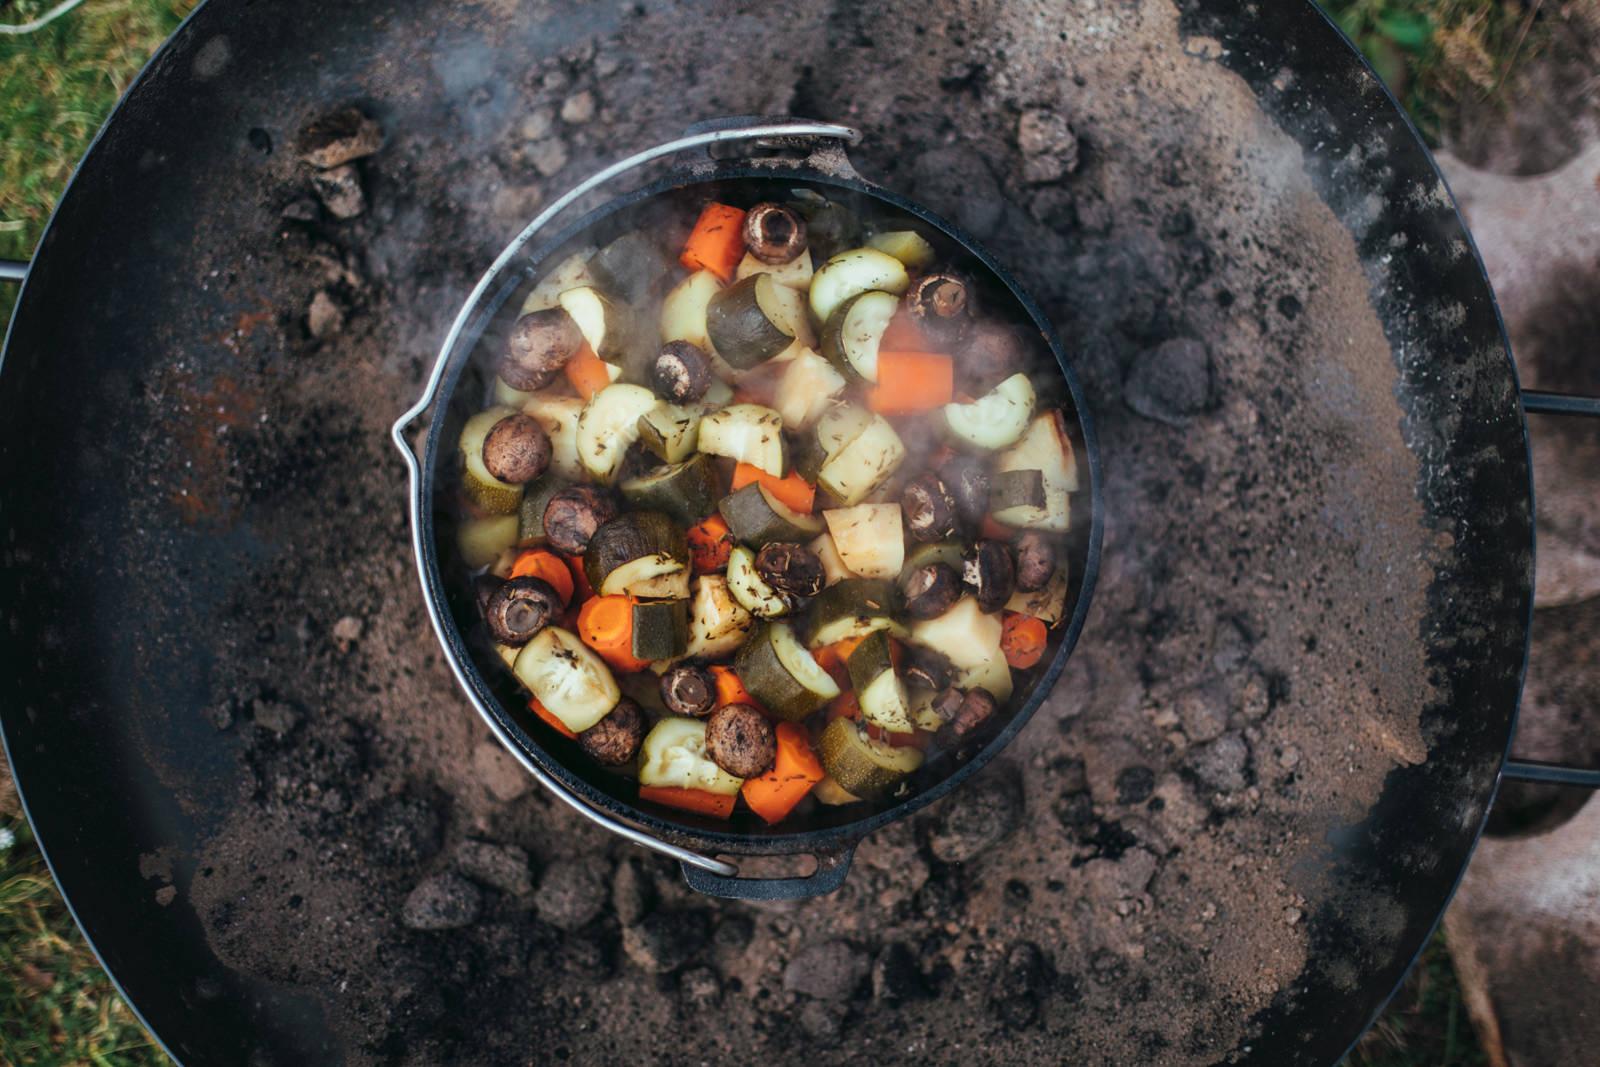 Gusseiserner Kochtopf mit Gemüse von oben